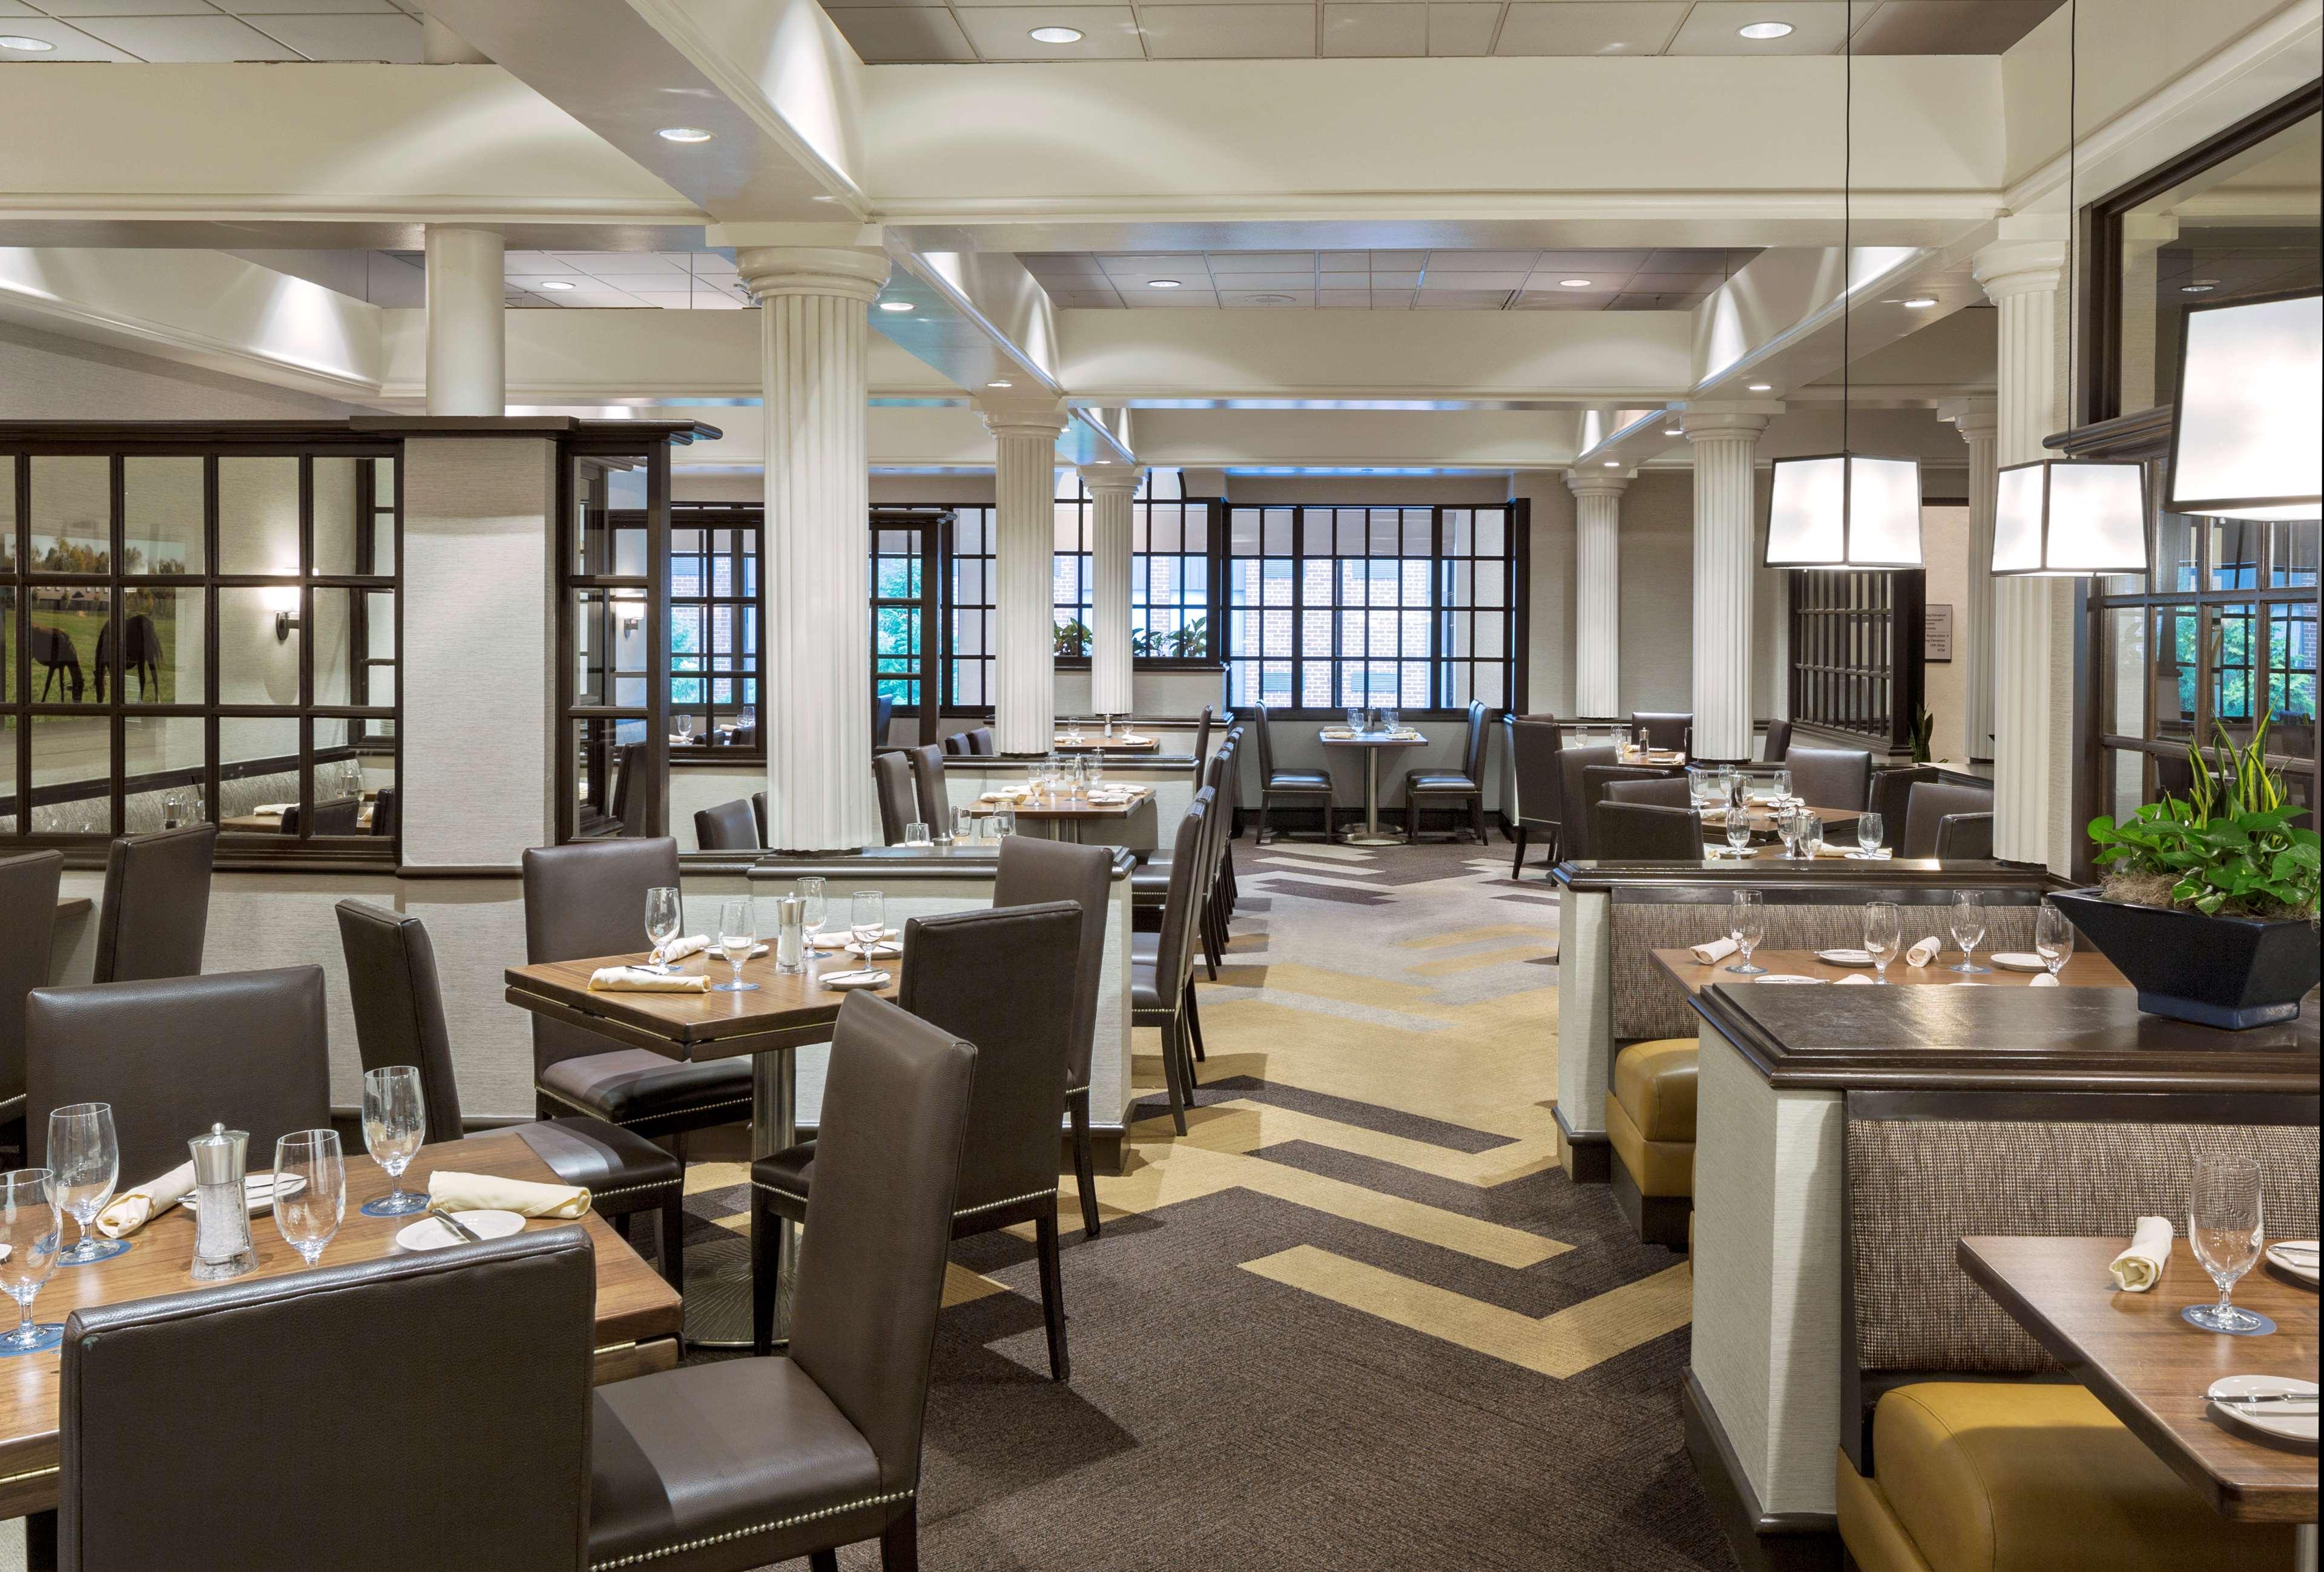 Sheraton Harrisburg Hershey Hotel image 12